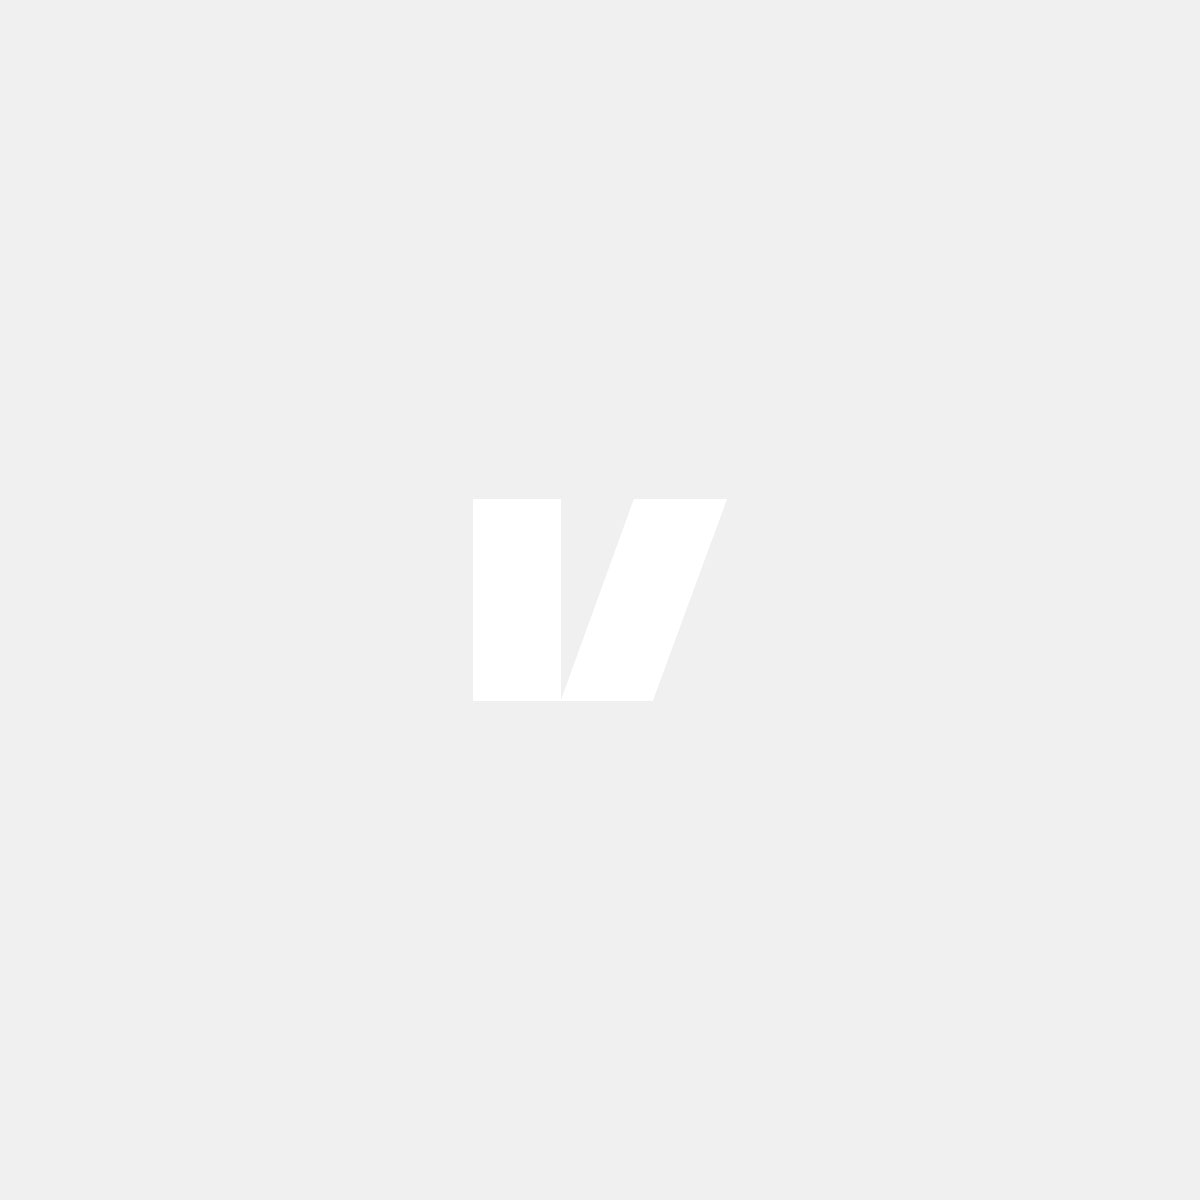 C70 klarglas strålkastare till Volvo S70, V70, C70, Höger